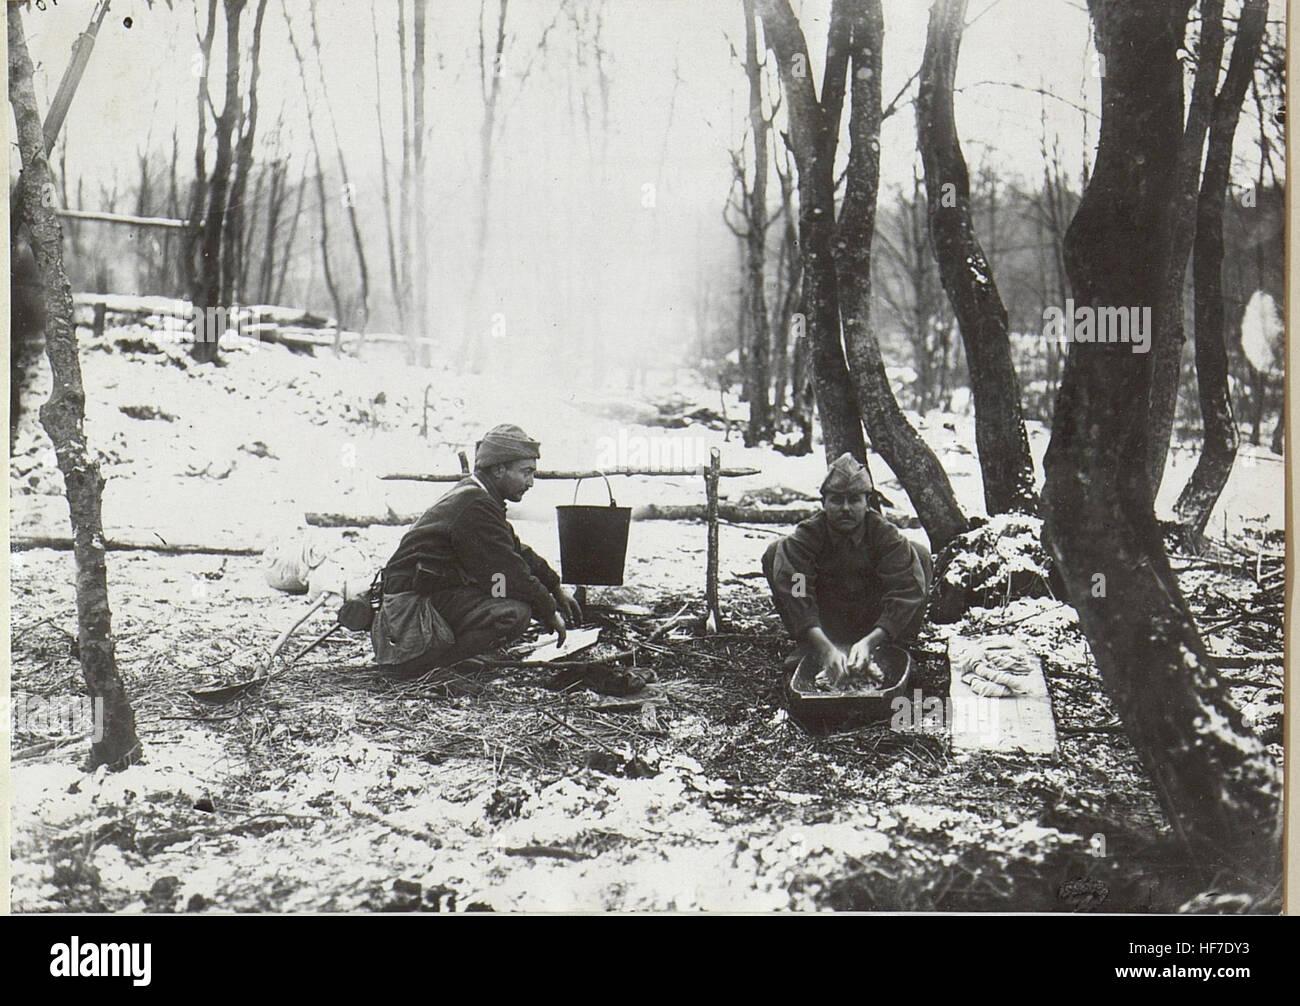 Türk.Mannschaften beim Wäschewaschen im Walde. 15727698) - Stock Image